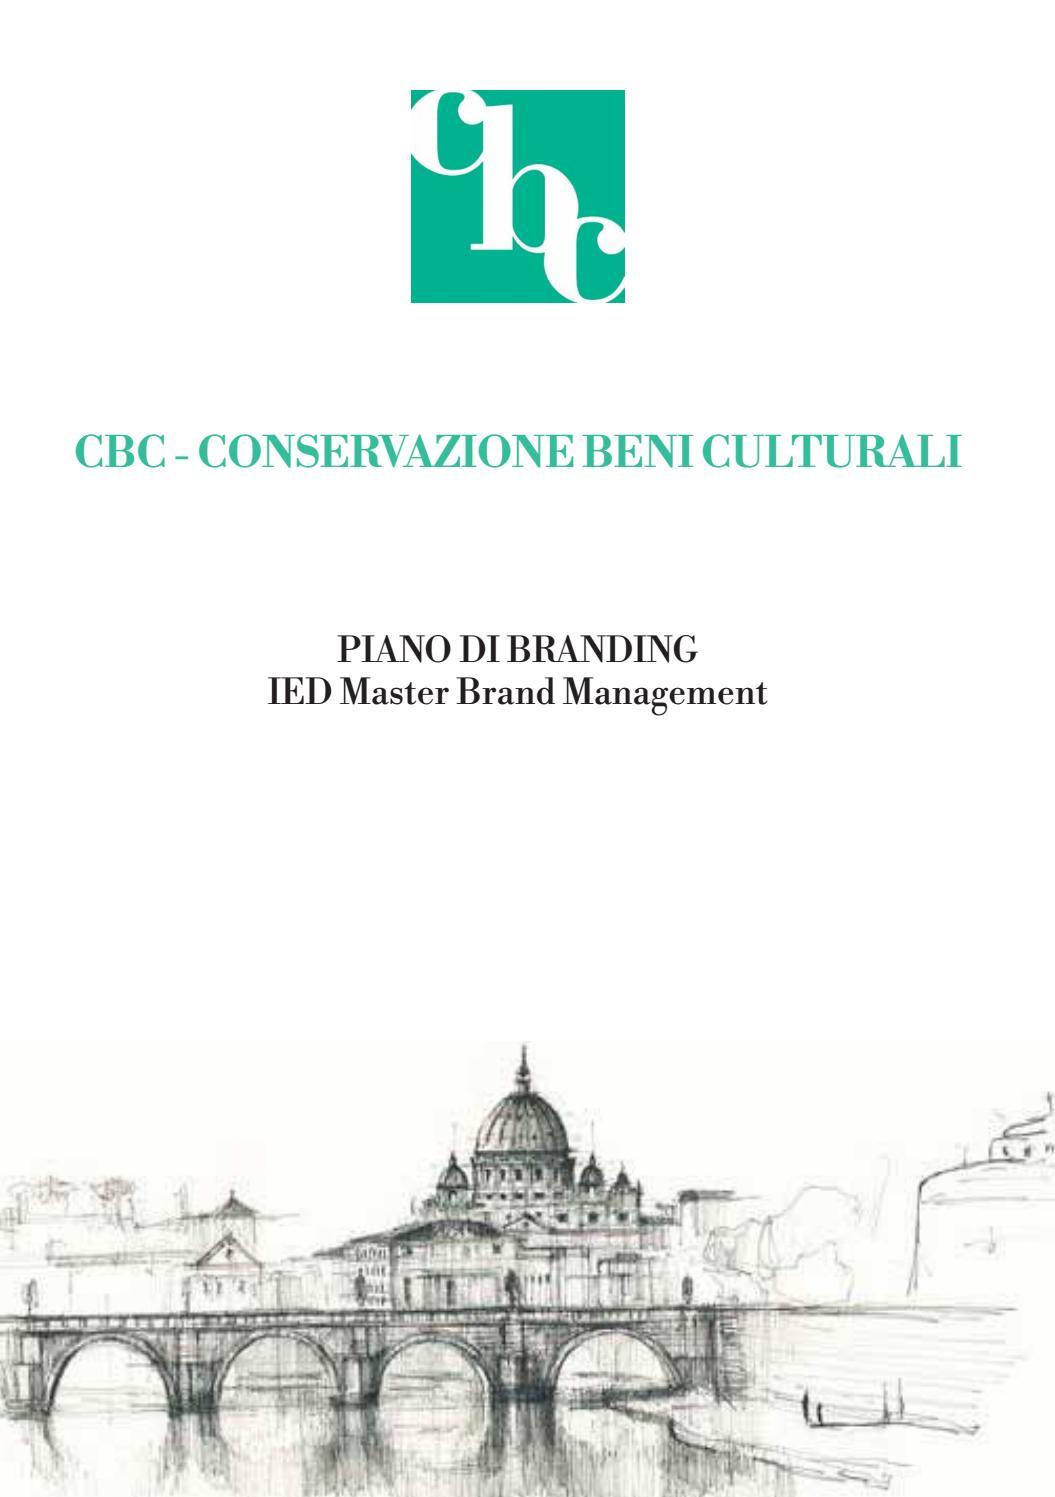 Piano Di Branding Per Cbc Conservazione Beni Culturali By Ied